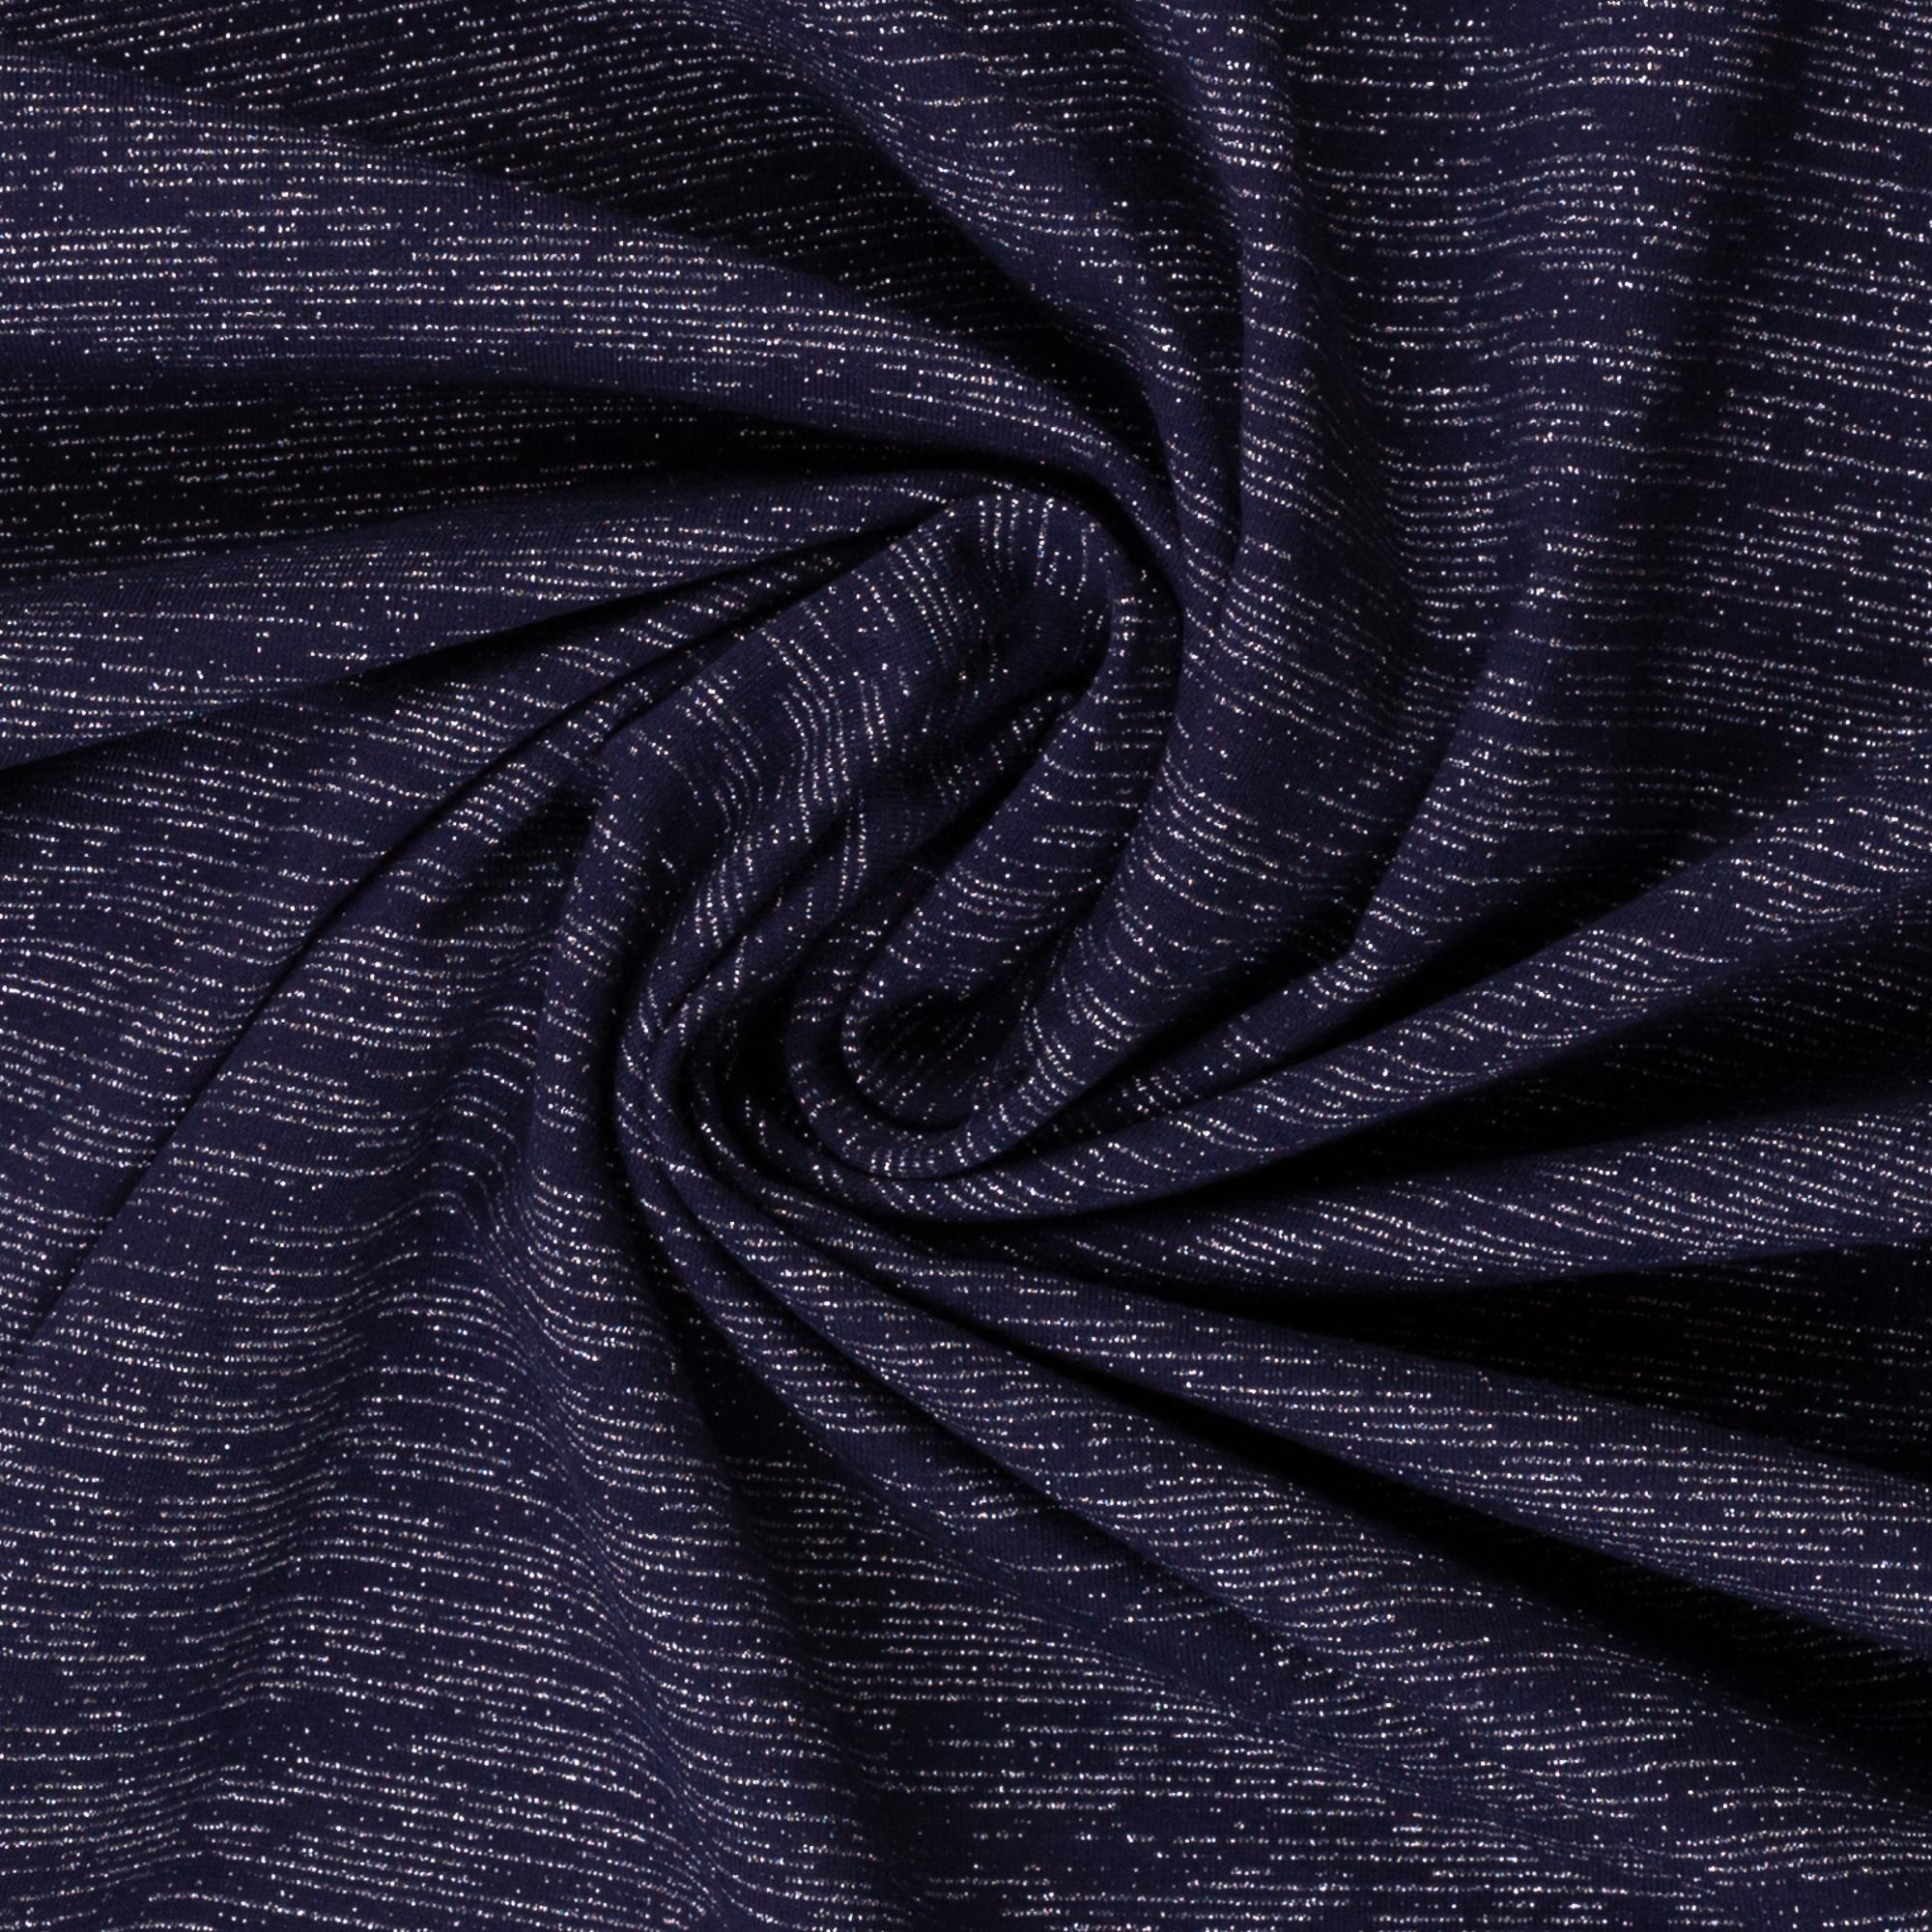 Angerauter Sweat  in blau mit silbernen Streifen von Swafing kaufen!